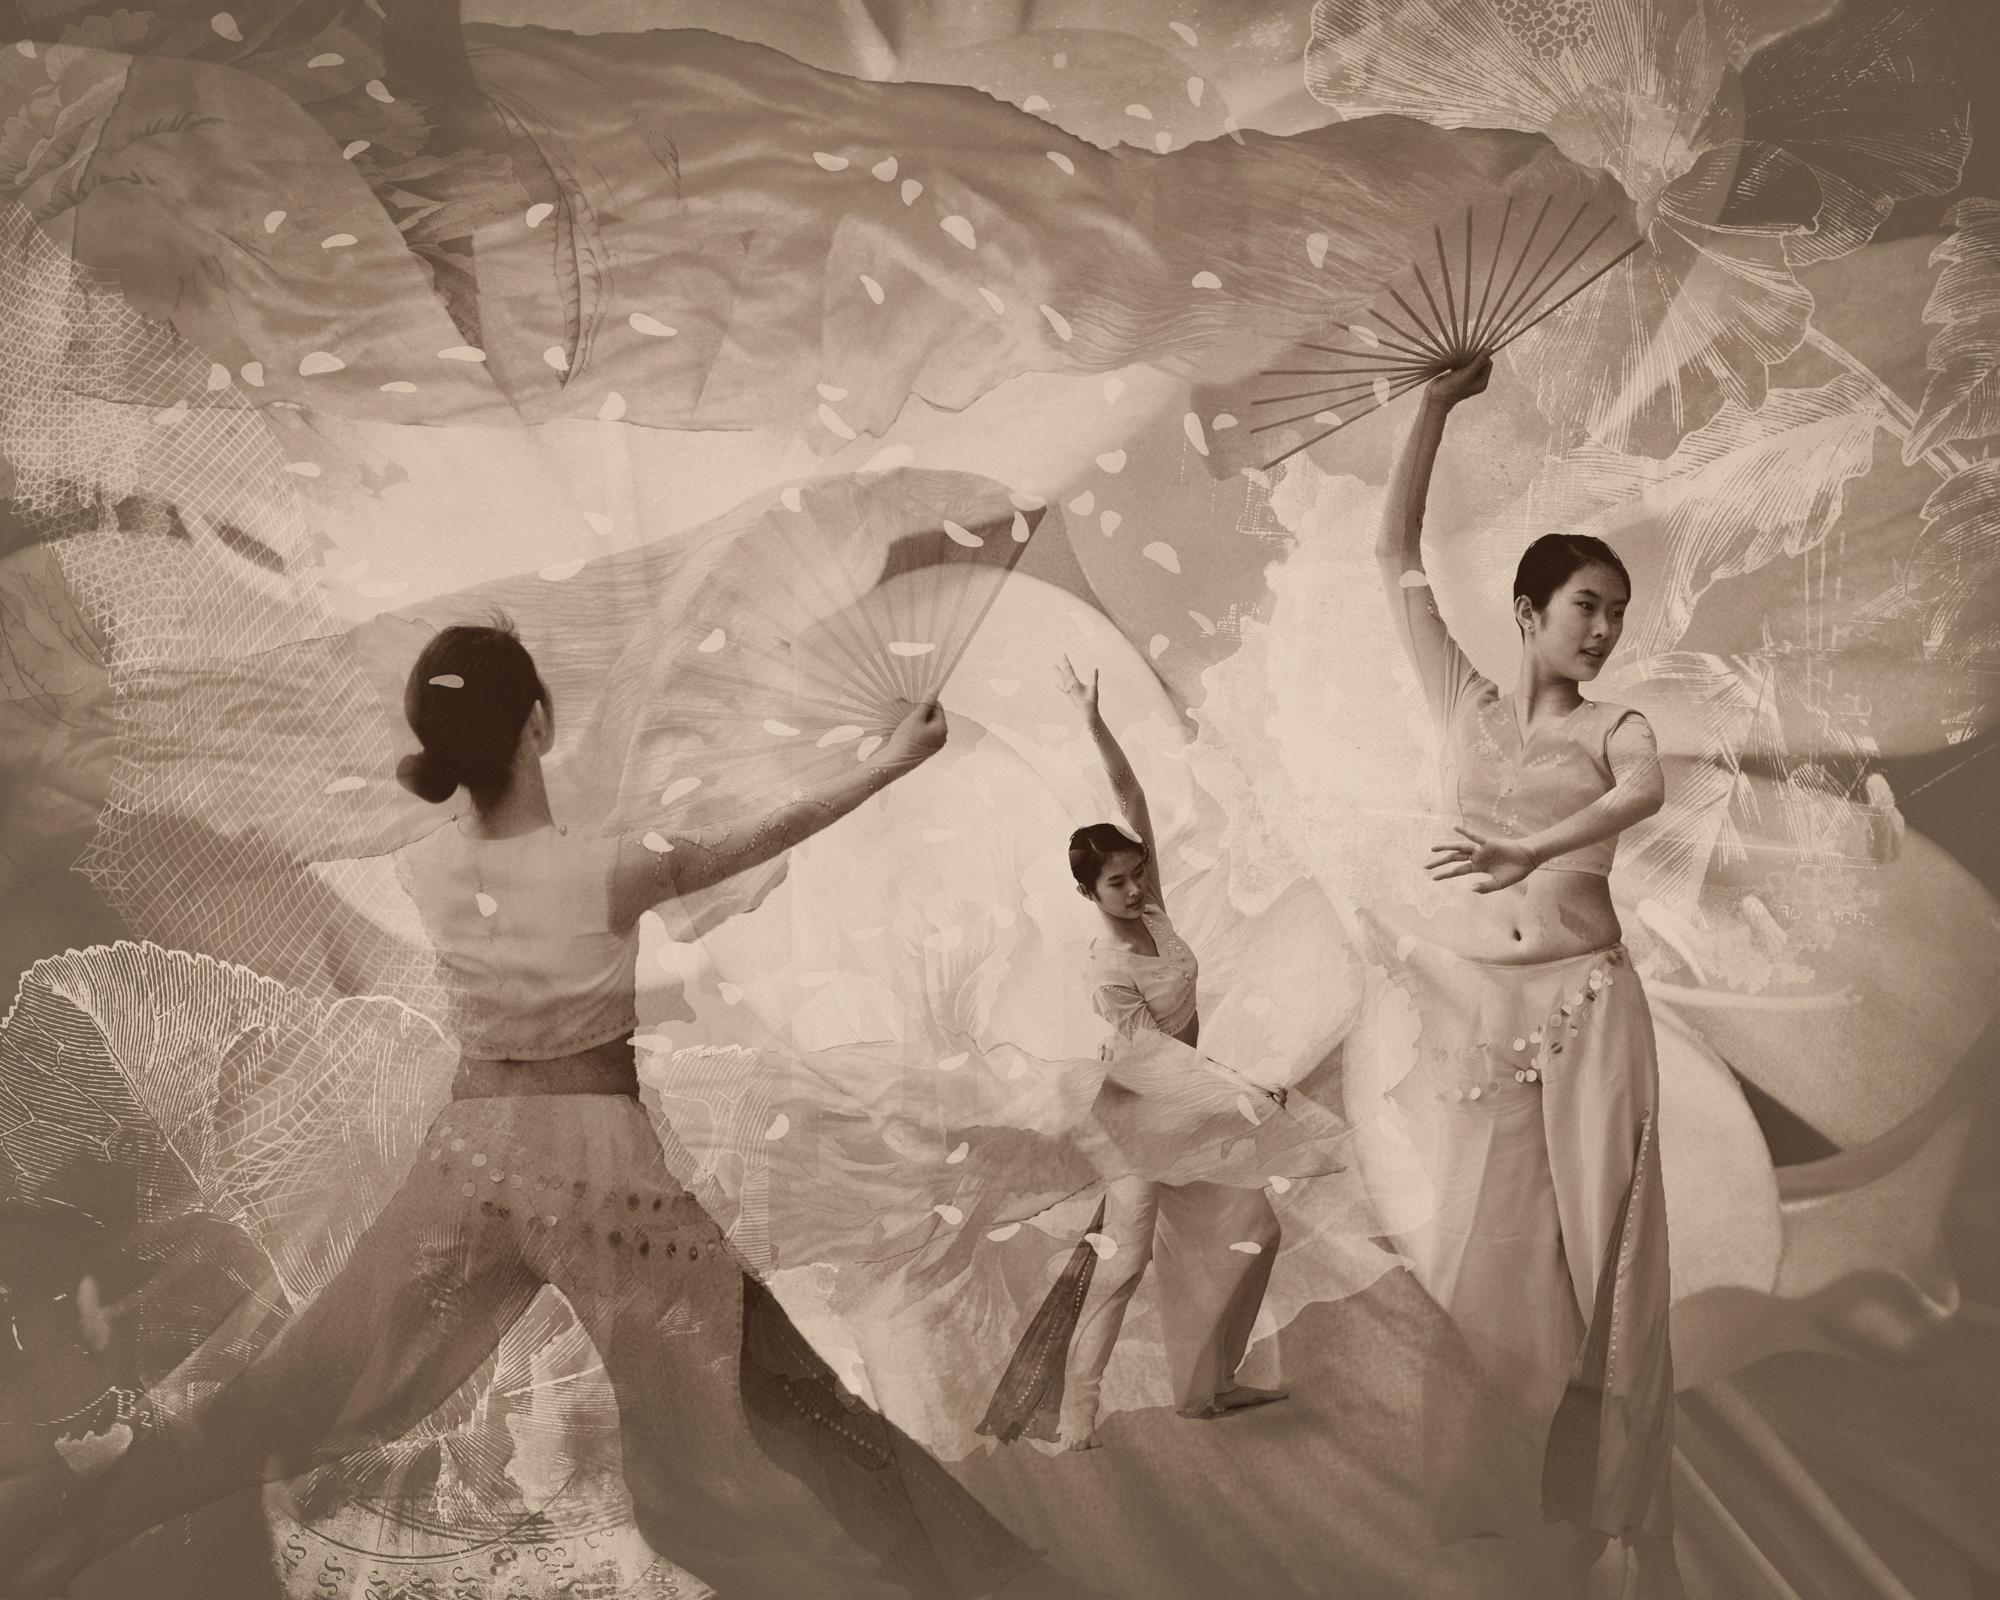 PaulaDPowers-Dancing in Beauty.jpg